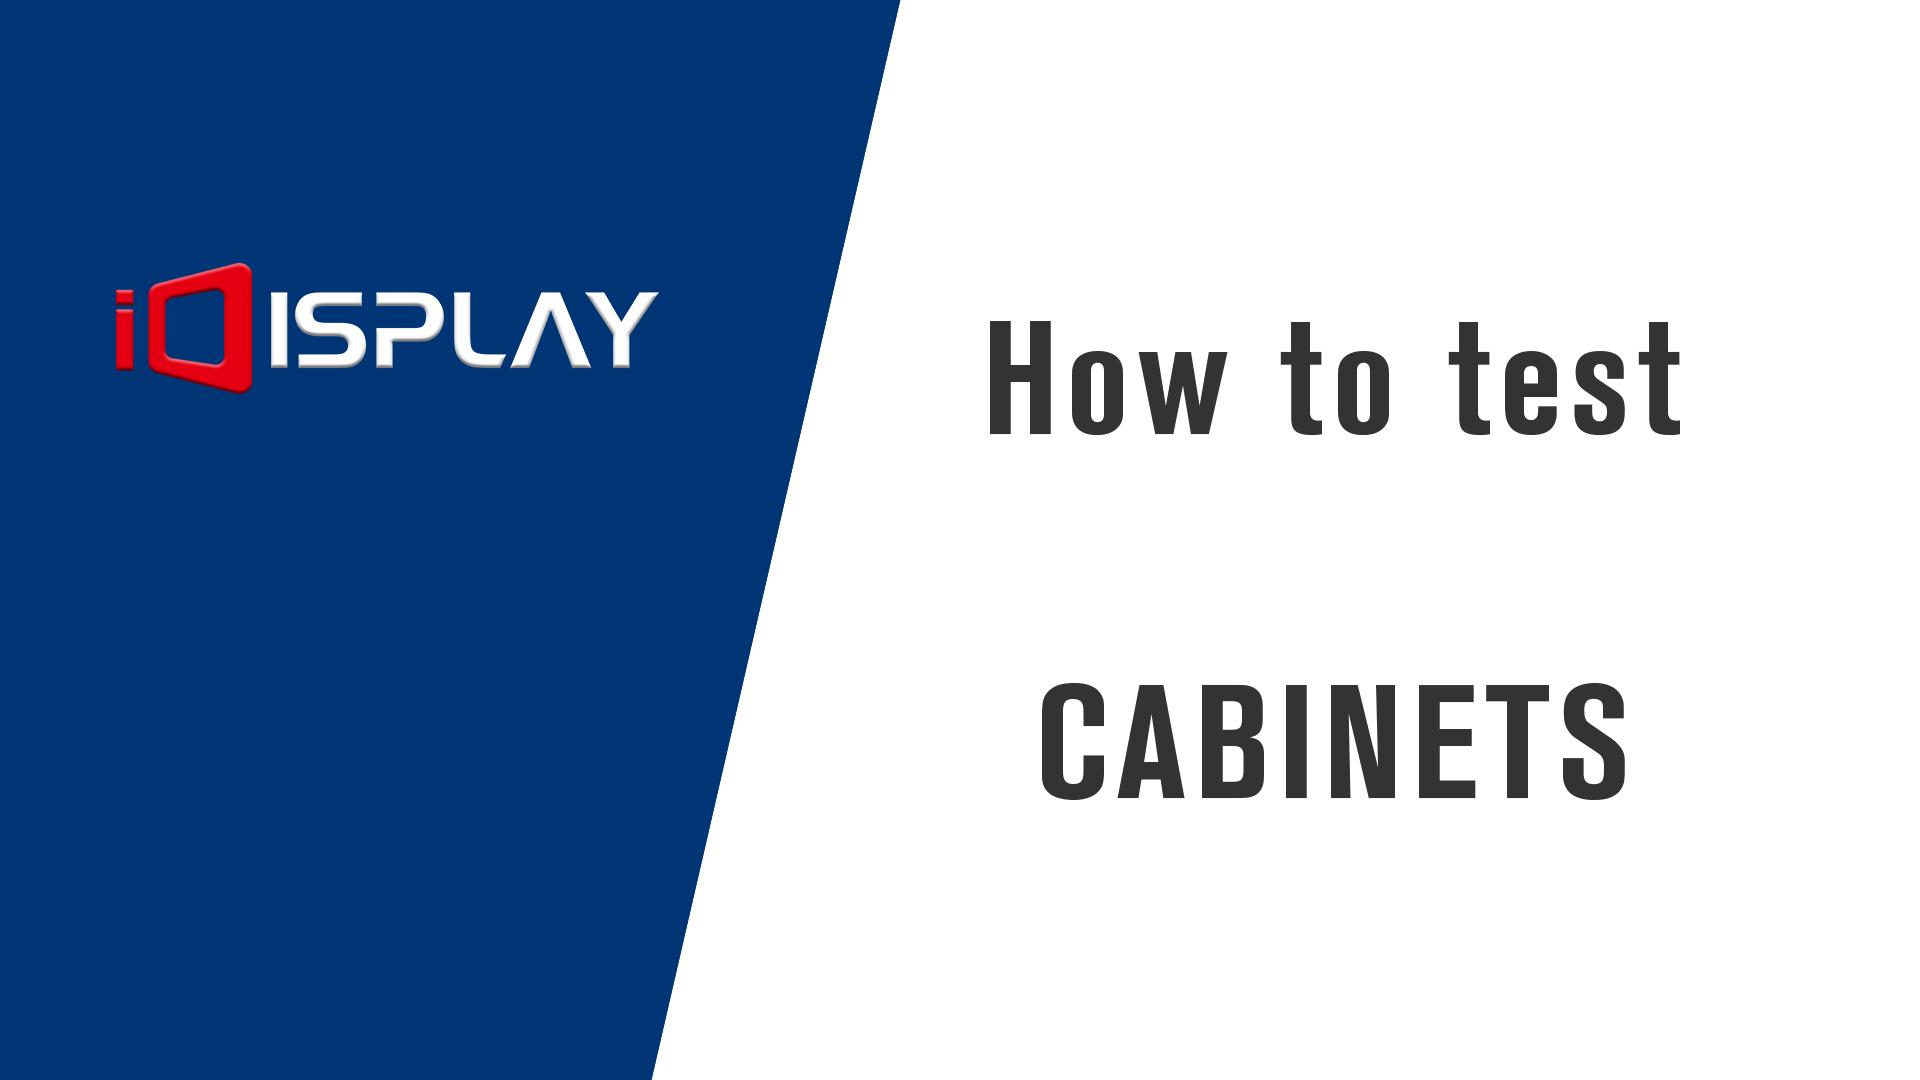 캐비닛 테스트 방법 - 심천 IDISPLAY 기술 유한 회사